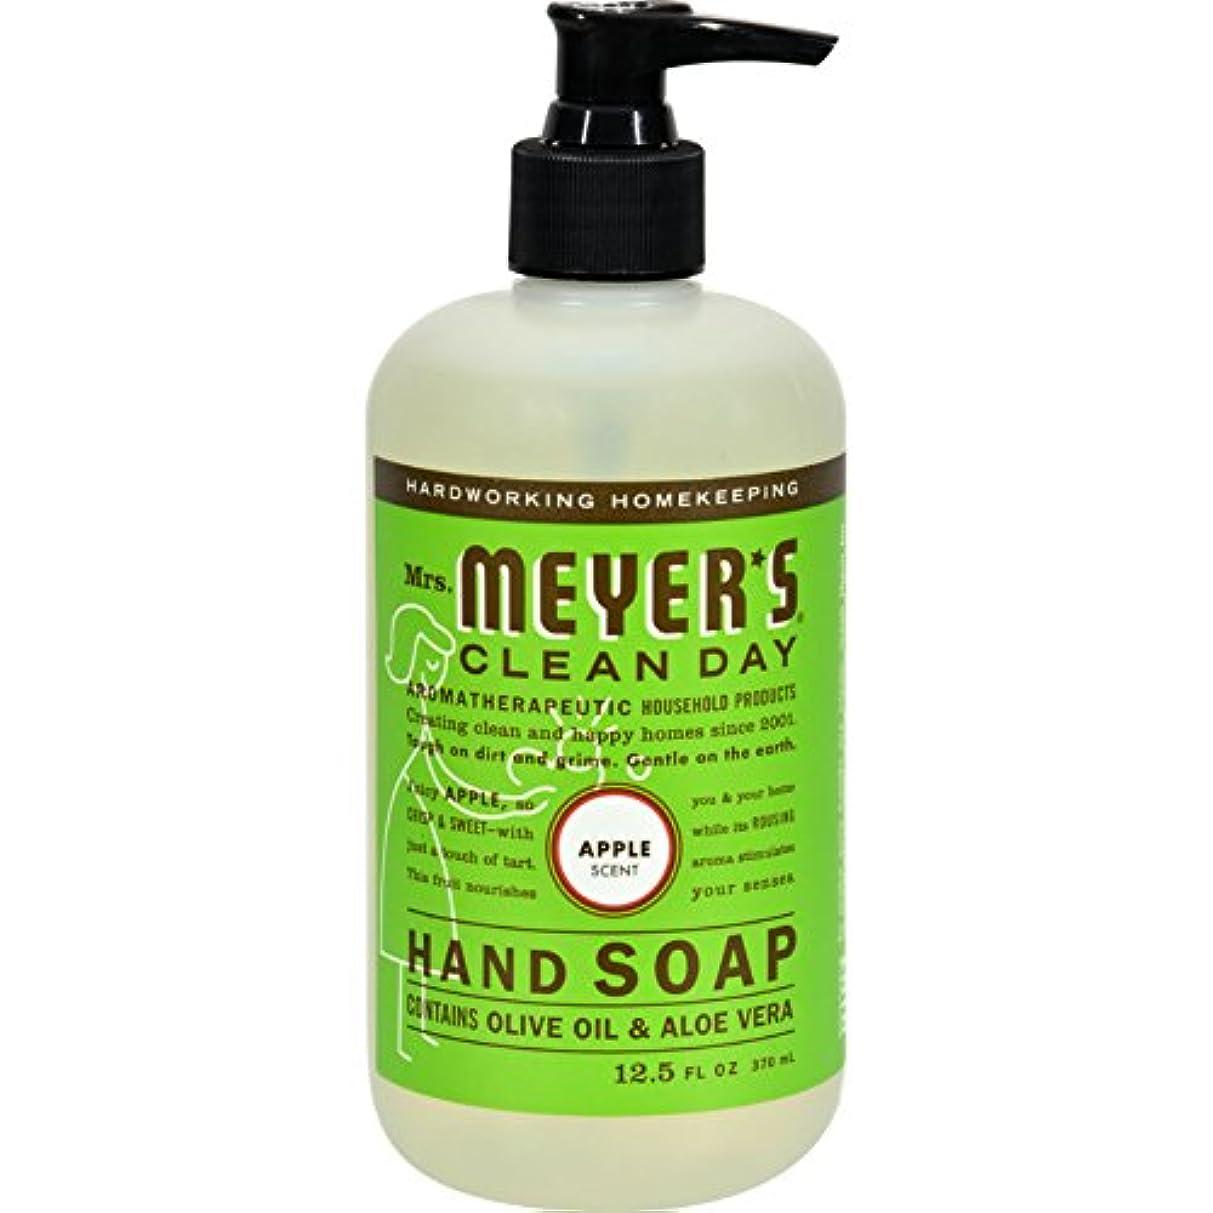 しつけ彼らのものマークLiquid Hand Soap - Apple - Case of 6 - 12.5 oz by Mrs. Meyer's